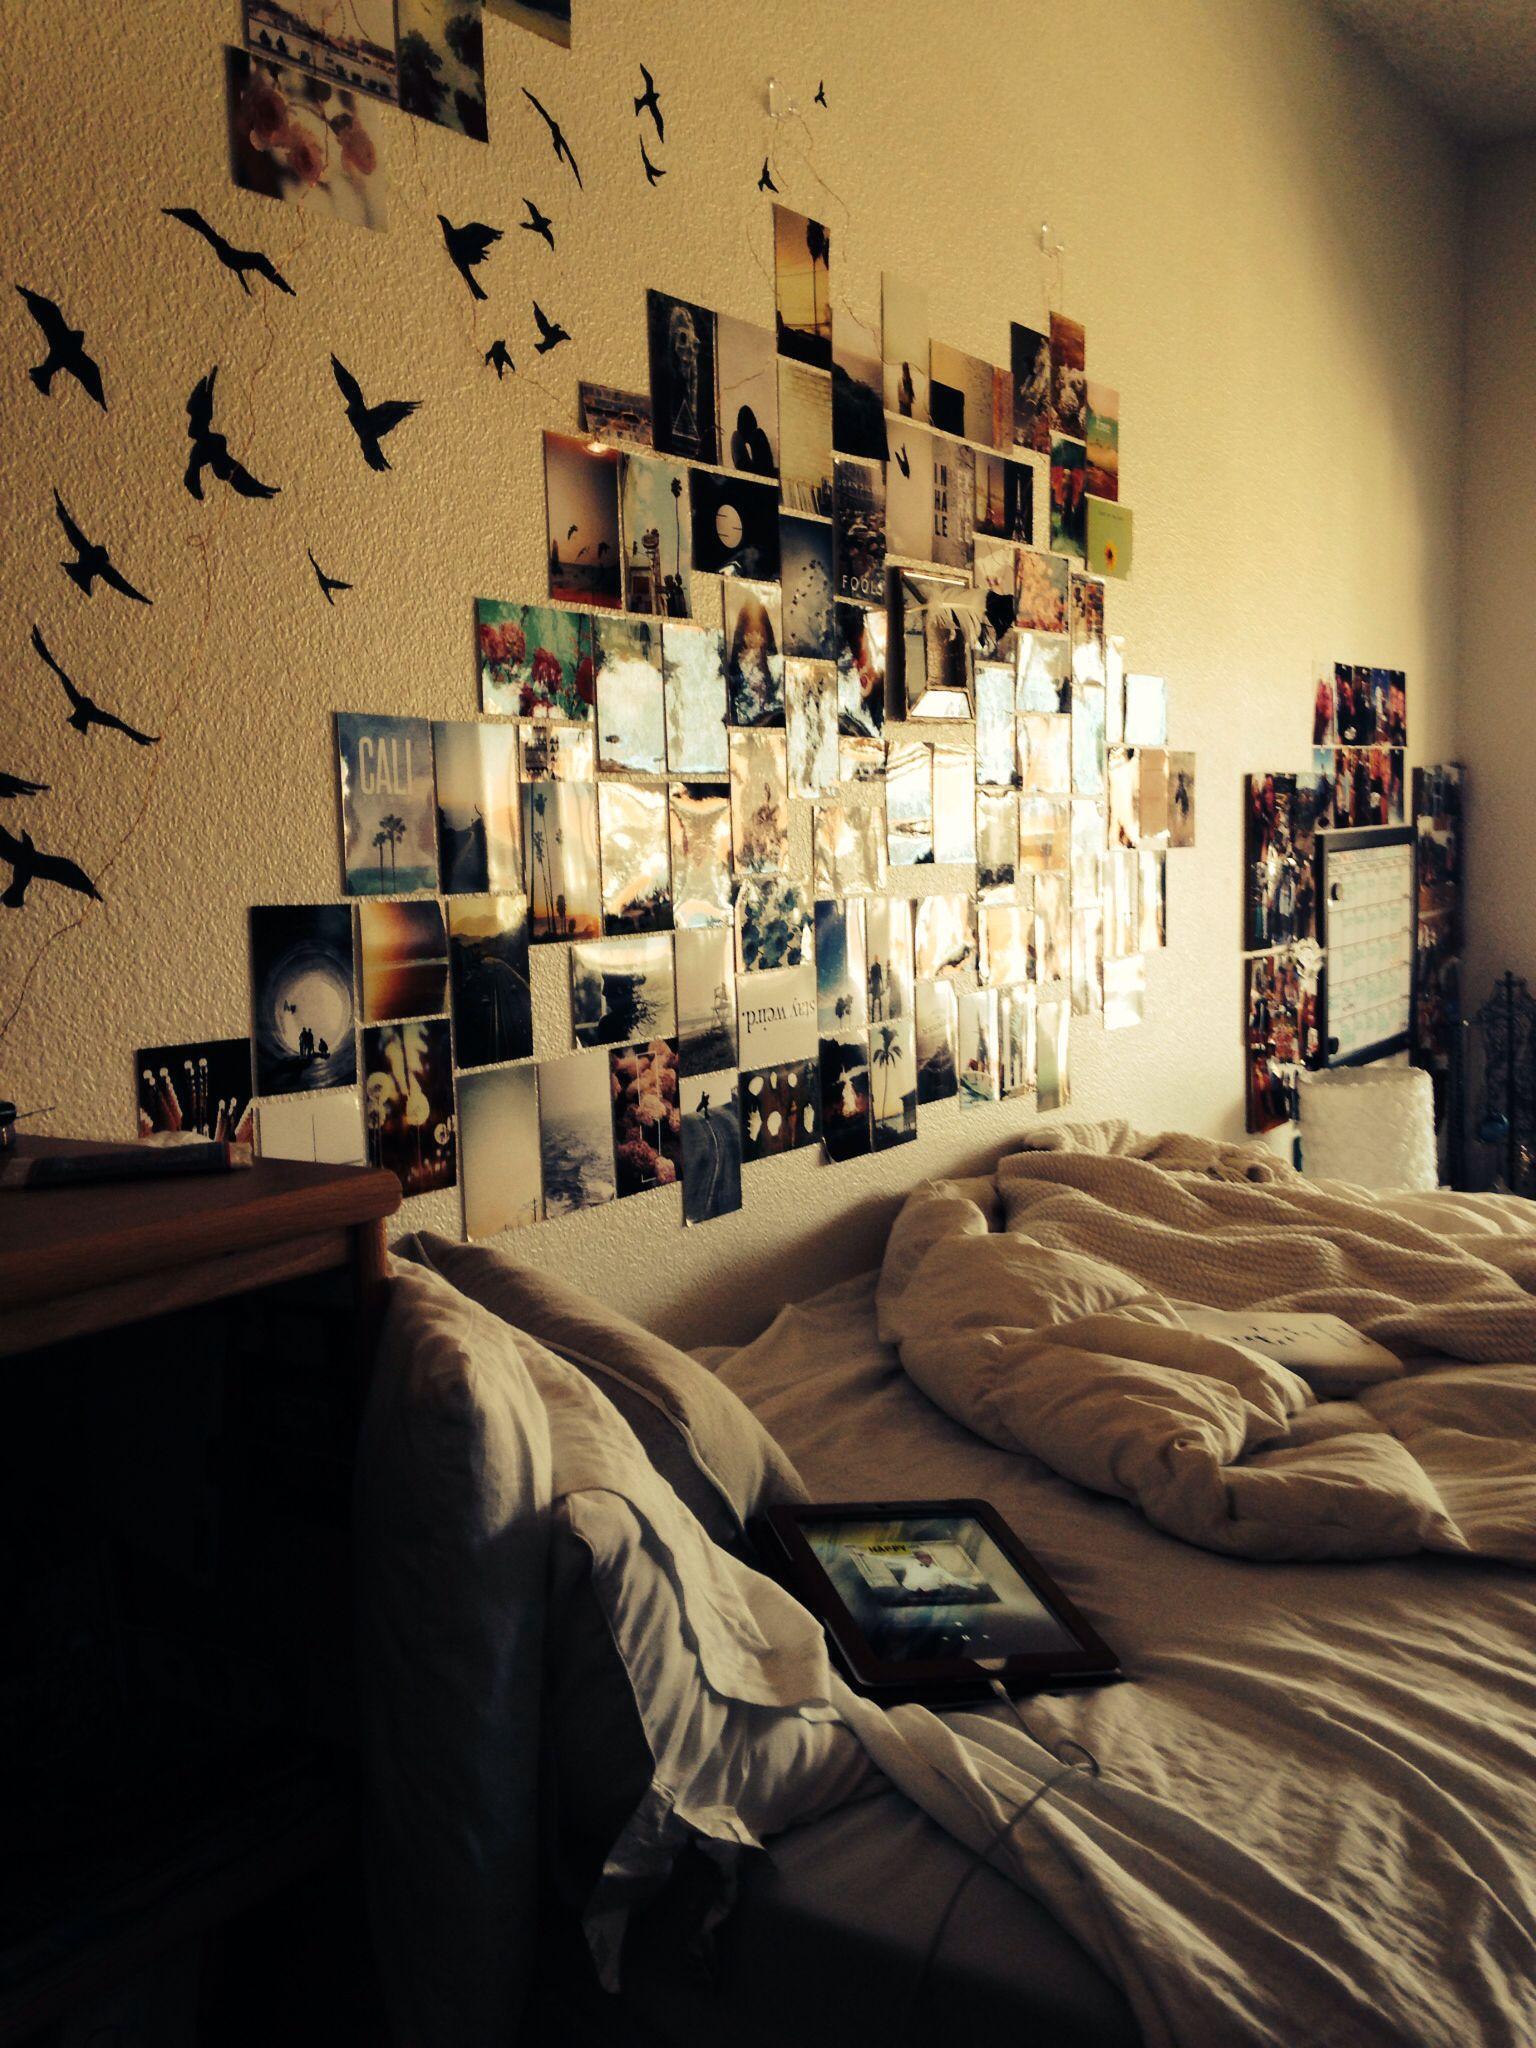 Hostel Room Decoration Ideas Diy Valoblogi Com